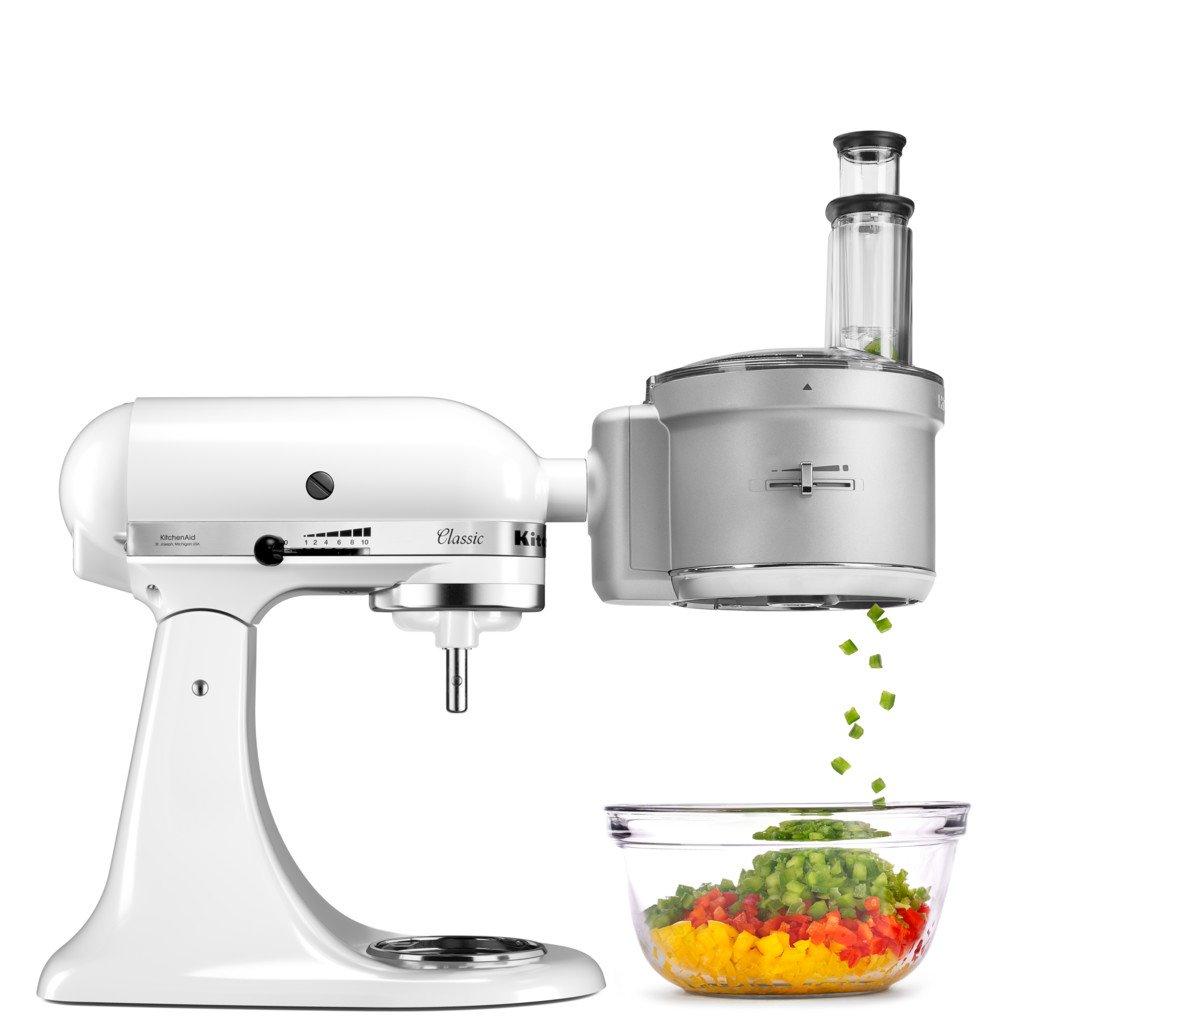 Kitchenaid-5KSM2FPA-Food-ProcessorAufsatz